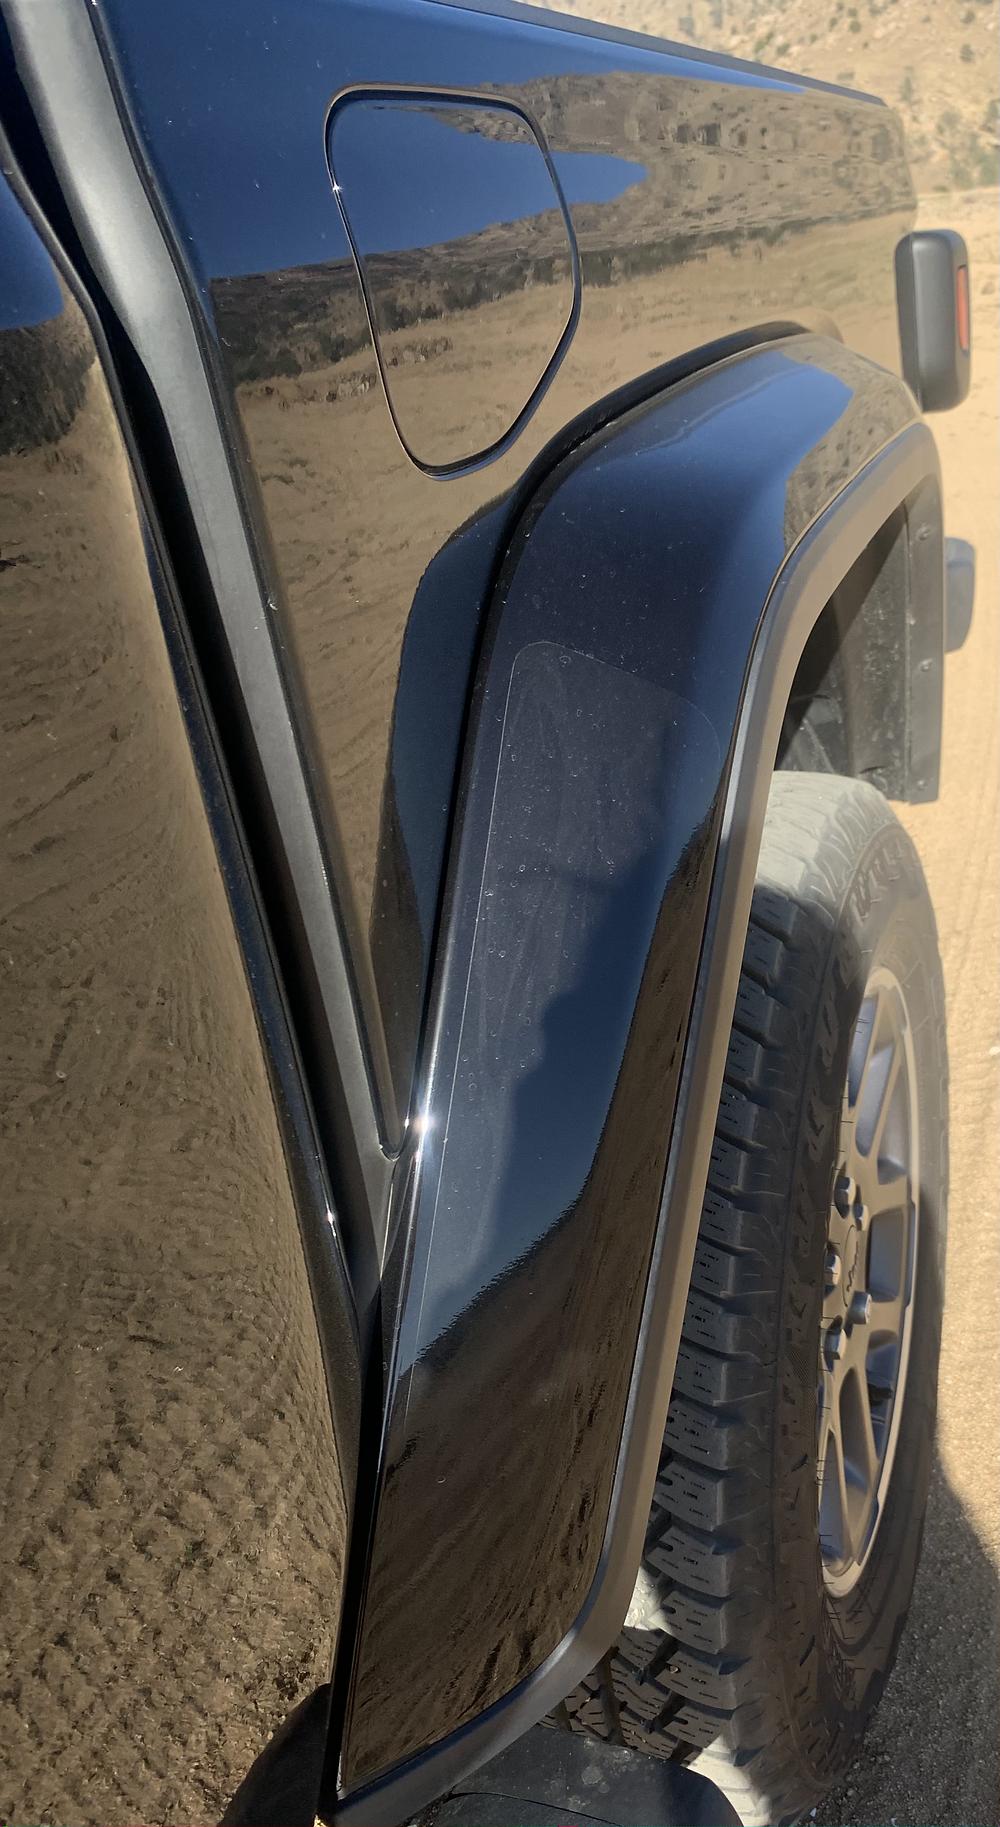 Jeep Gladiator clear bra on rear fenders